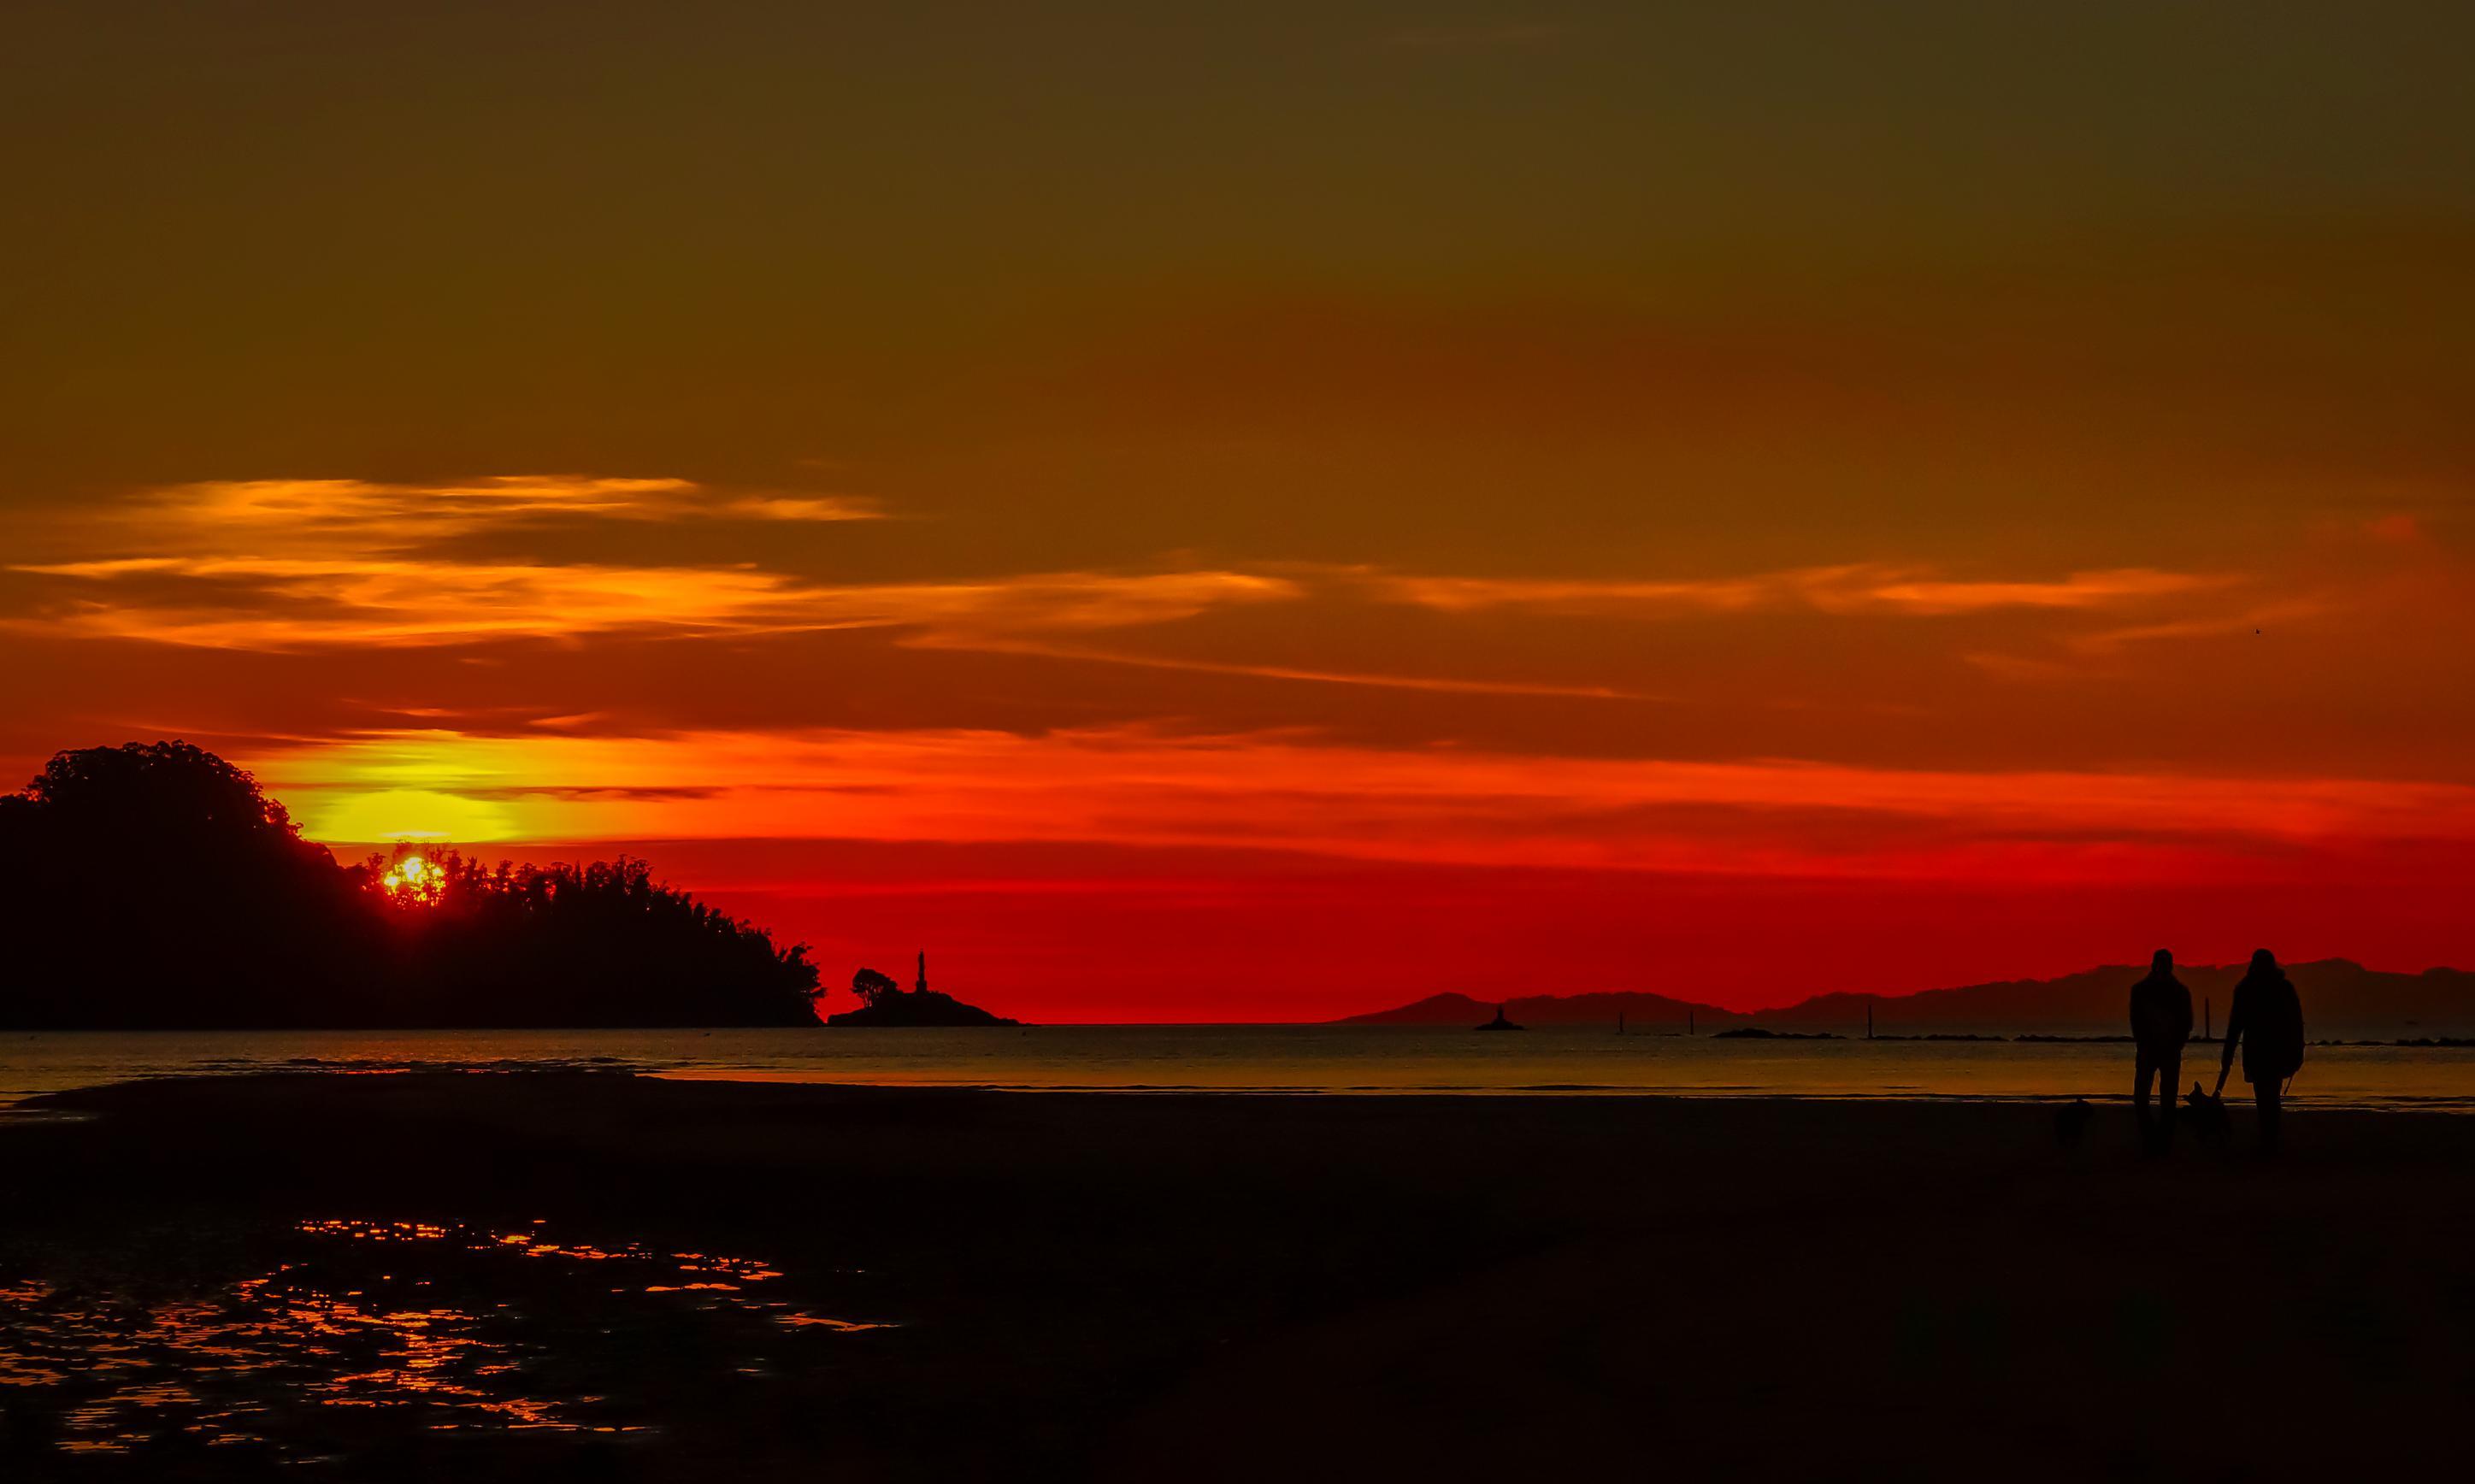 Imagen gratis puesta de sol amanecer crepsculo sol